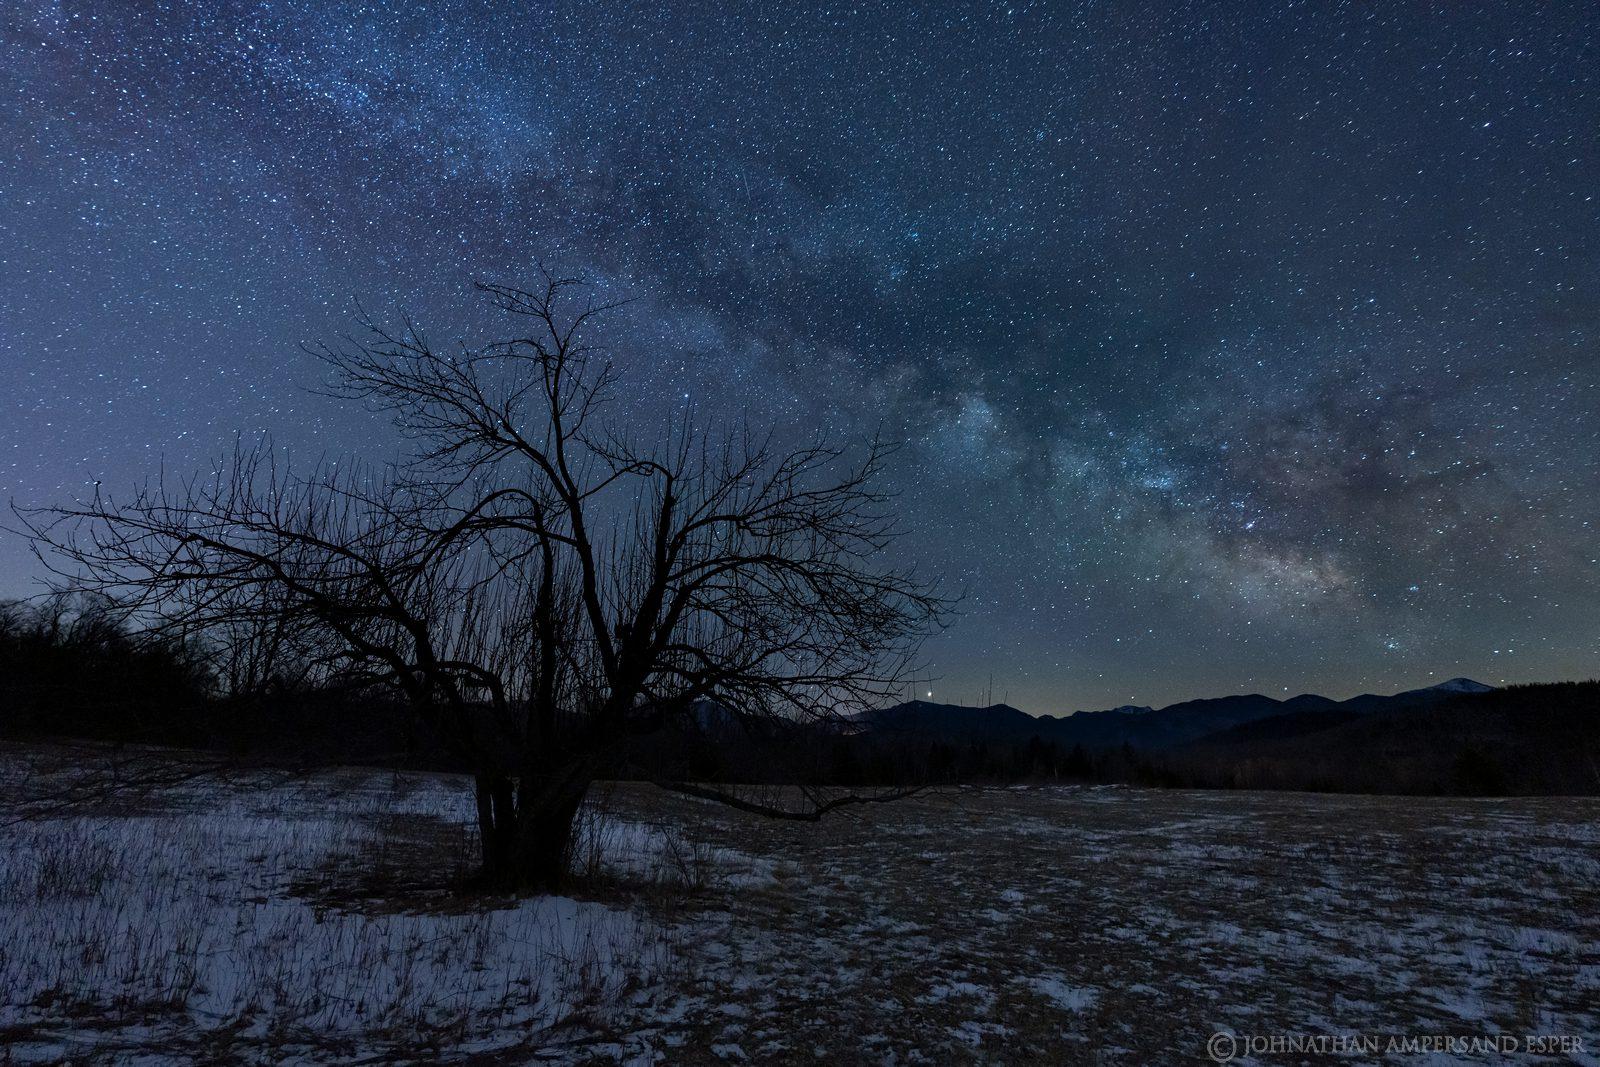 Heaven Hill Farm,Heaven Hill Farm trails,orchard,field,apple tree,Milky Way,night sky,stars,night,April,2020,trails,